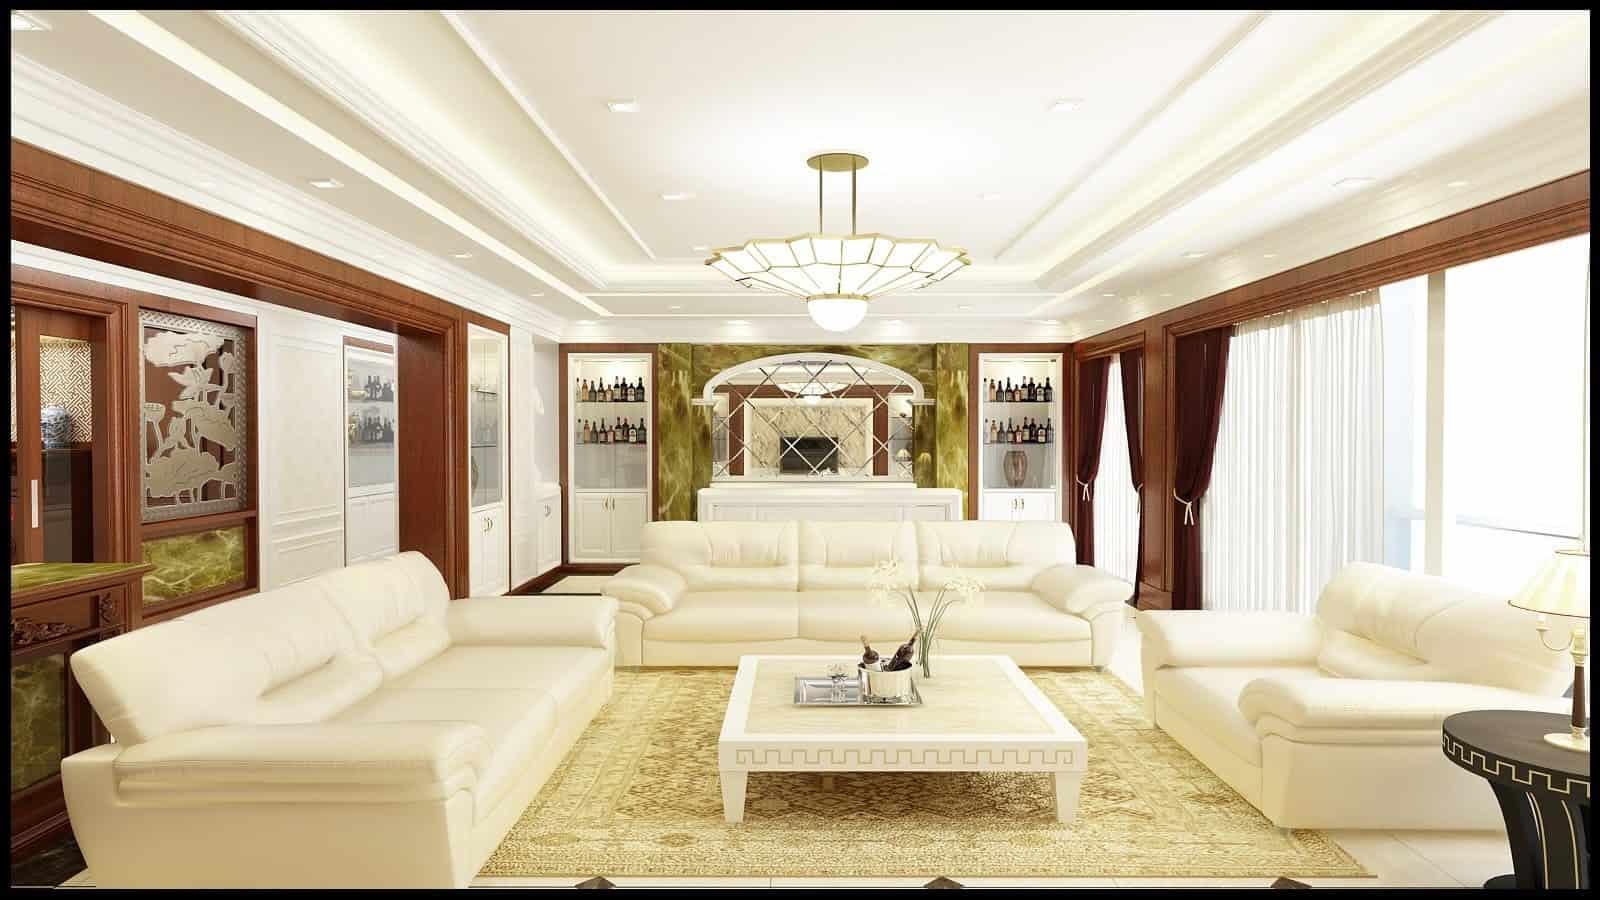 Top 20+ Mẫu Thiết Kế Nội Thất Tân - Bán Cổ Điển Đẹp Ấn Tượng Nhất -  - Mẫu thiết kế nội thất đẹp   nội thất phong cách tân bán cổ điển 51